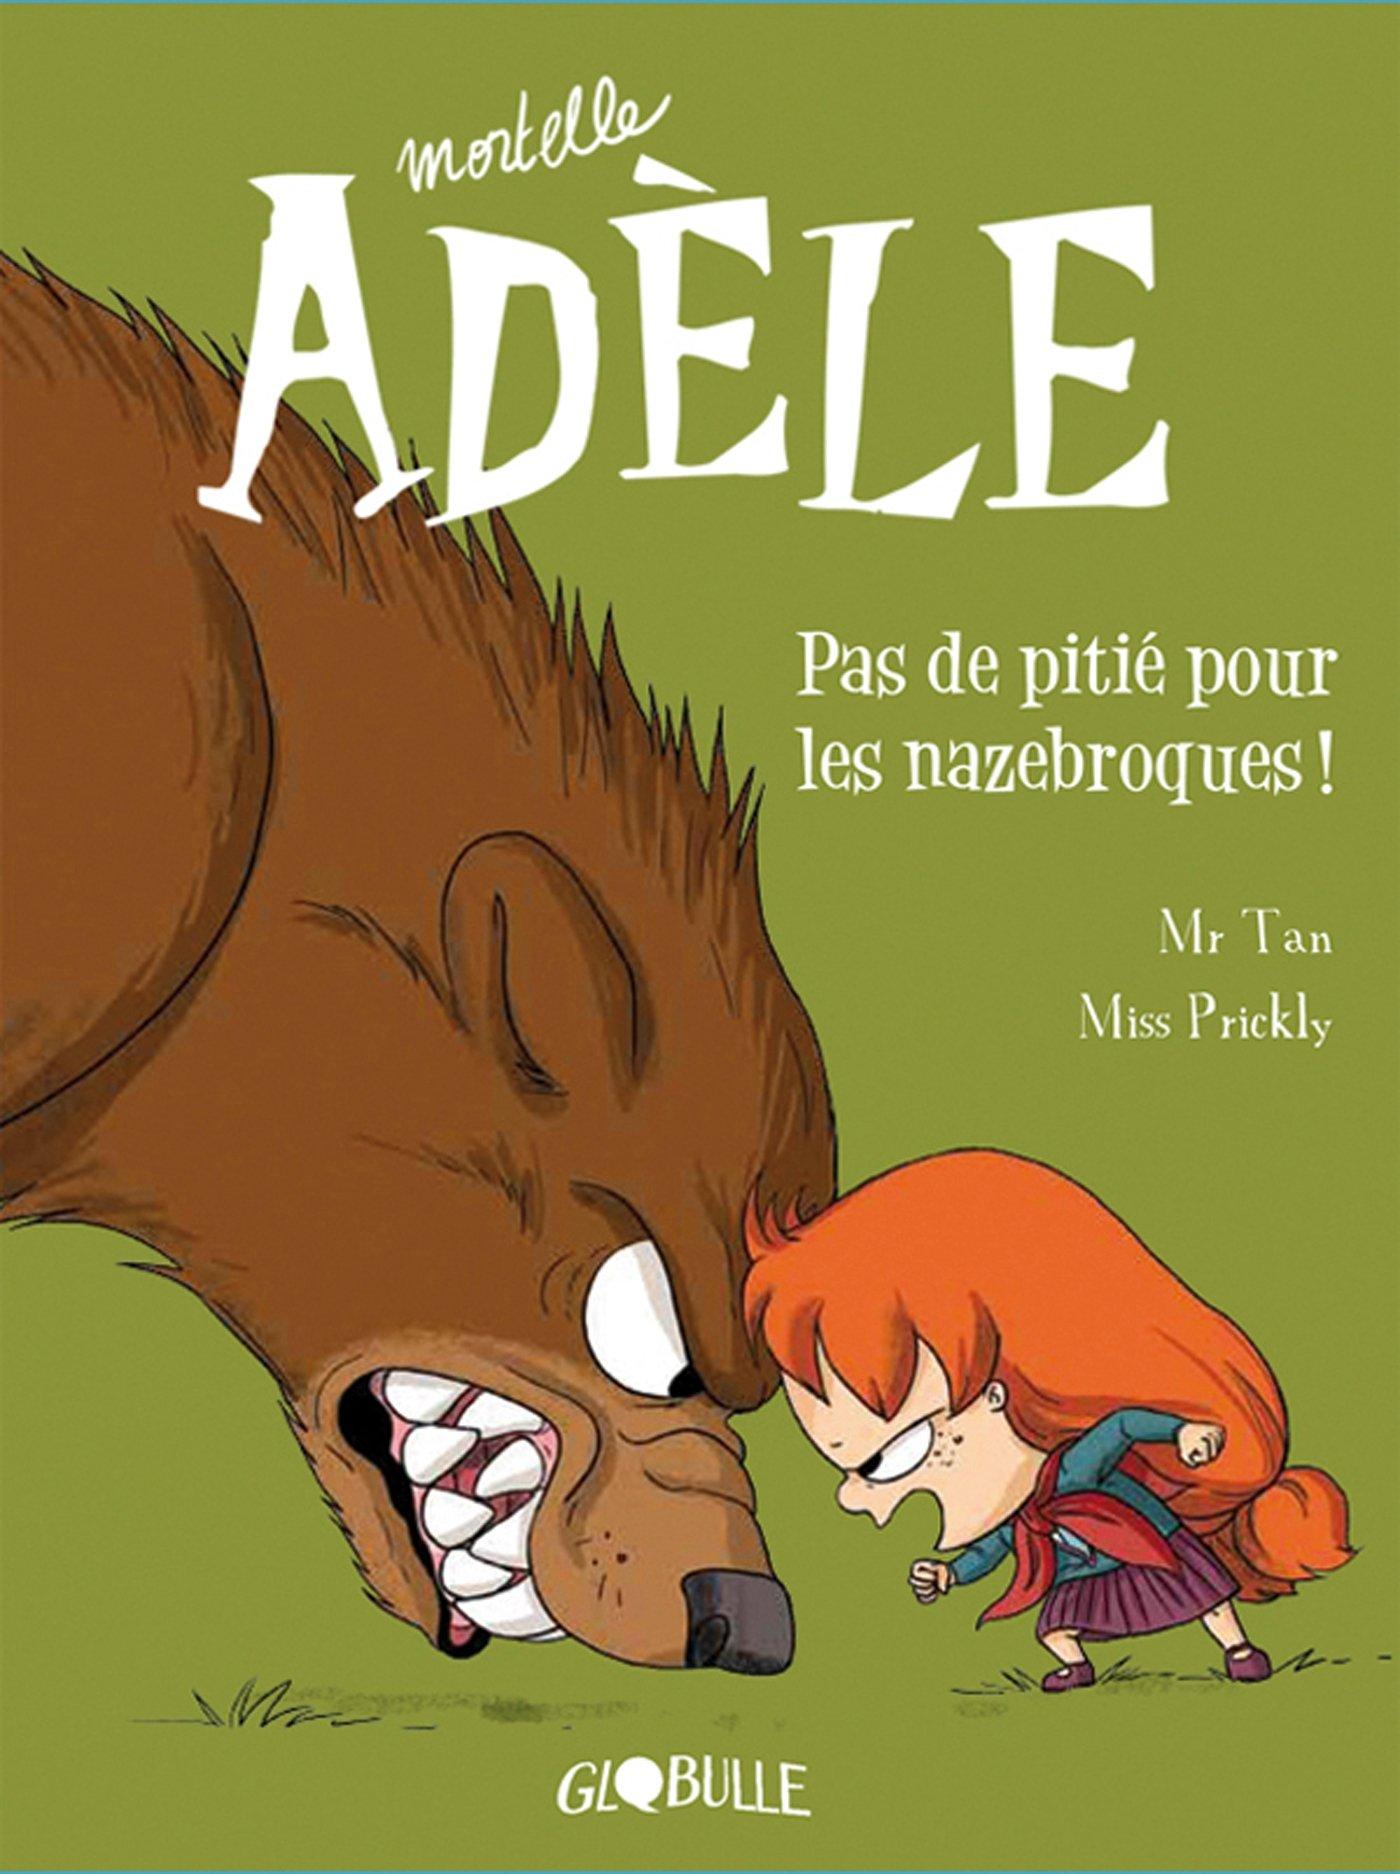 Mortelle Adèle 7 - Pas de pitié pour les nazebroques !